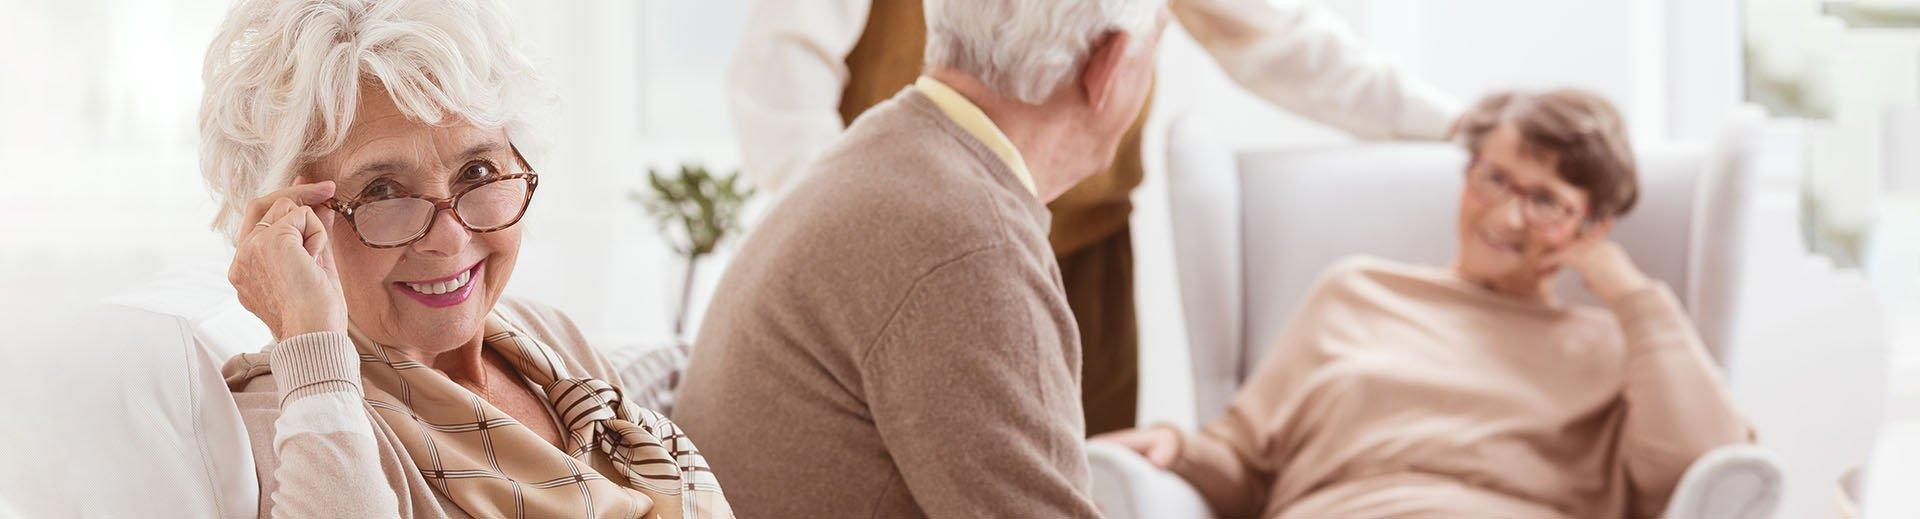 24 Stunden Pflege aus Polen für die häusliche Seniorenbetreuung